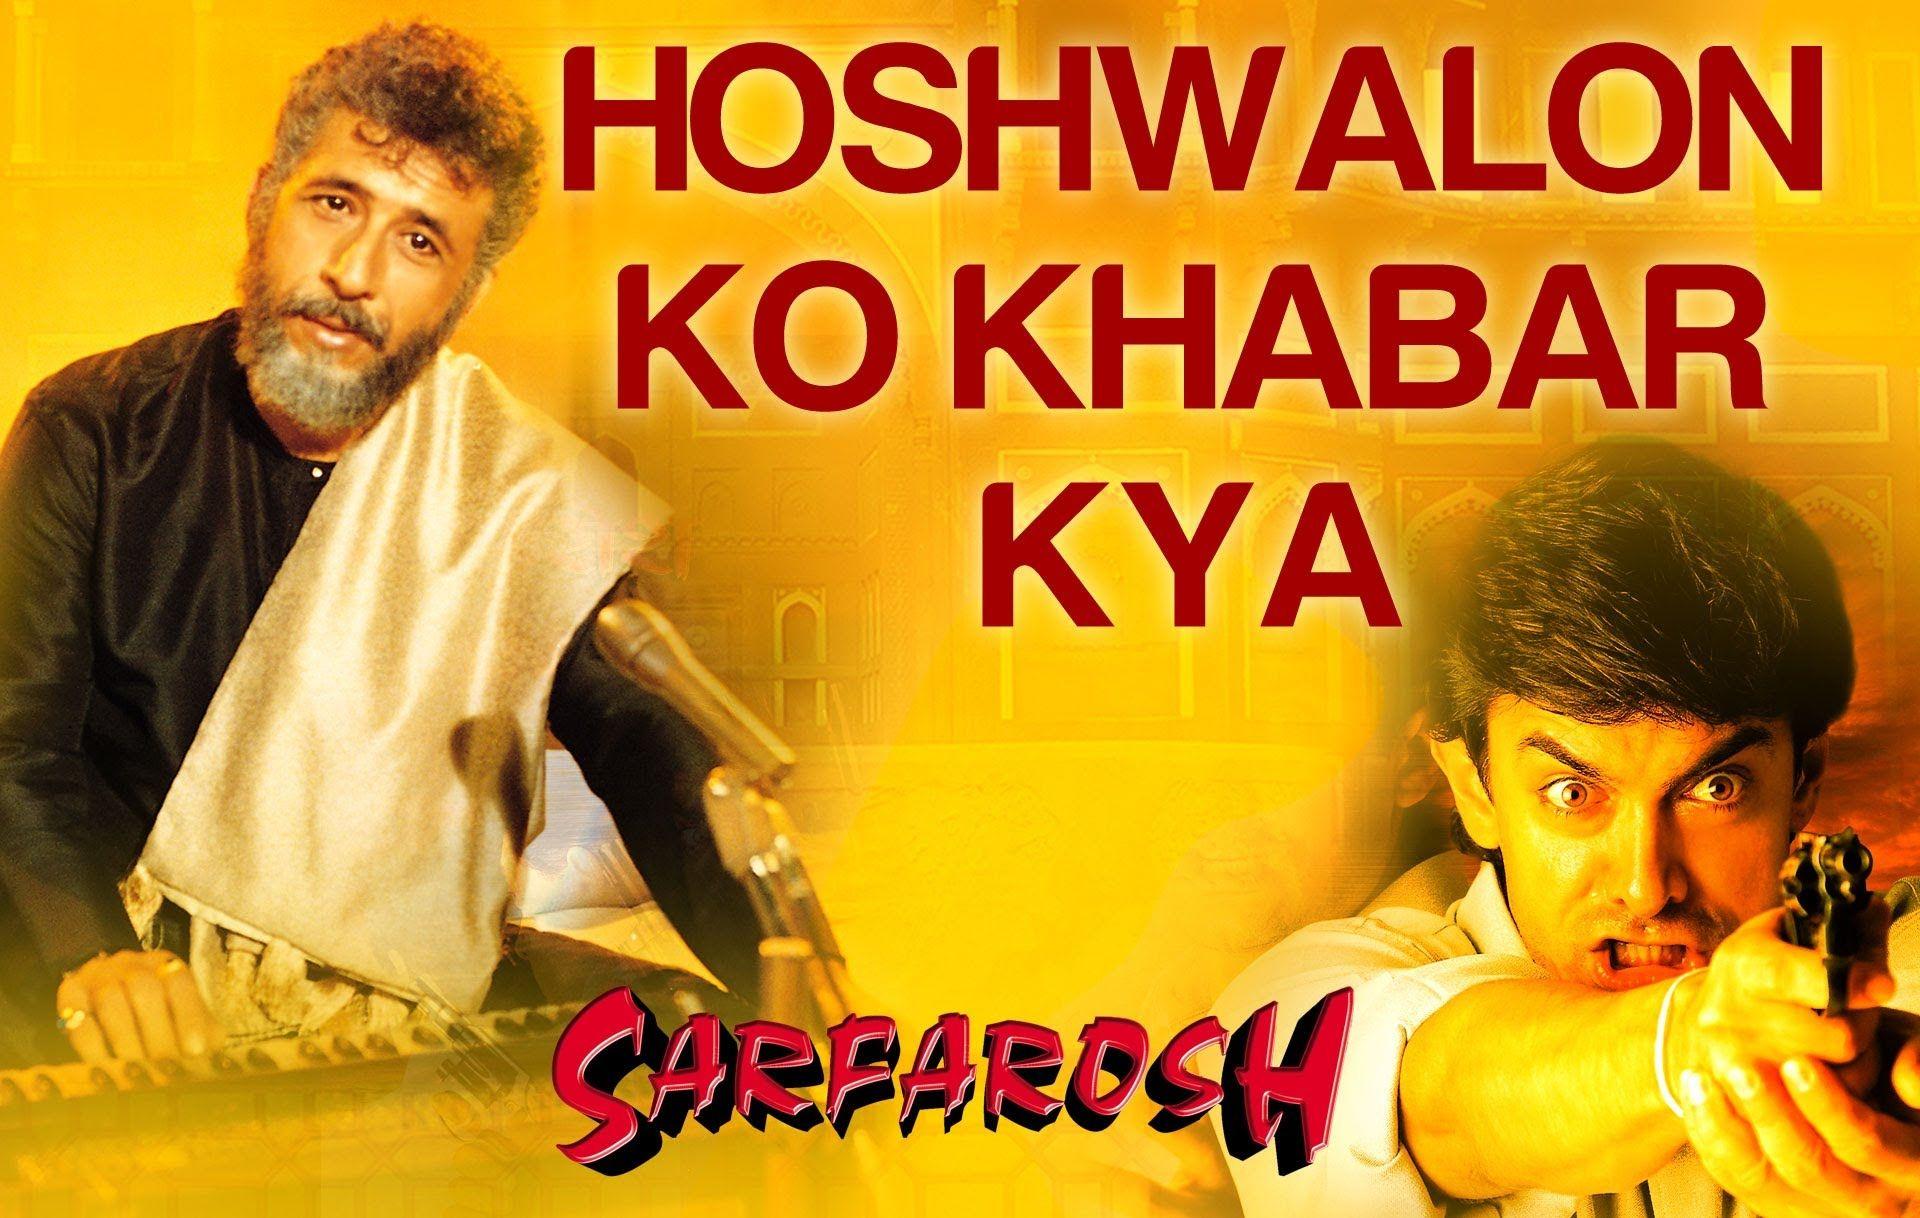 Hoshwalon Ko Khabar Kya By Jagjit Singh Sarfarosh Aamir Khan Sonali New Movie Song Jagjit Singh 90s Songs